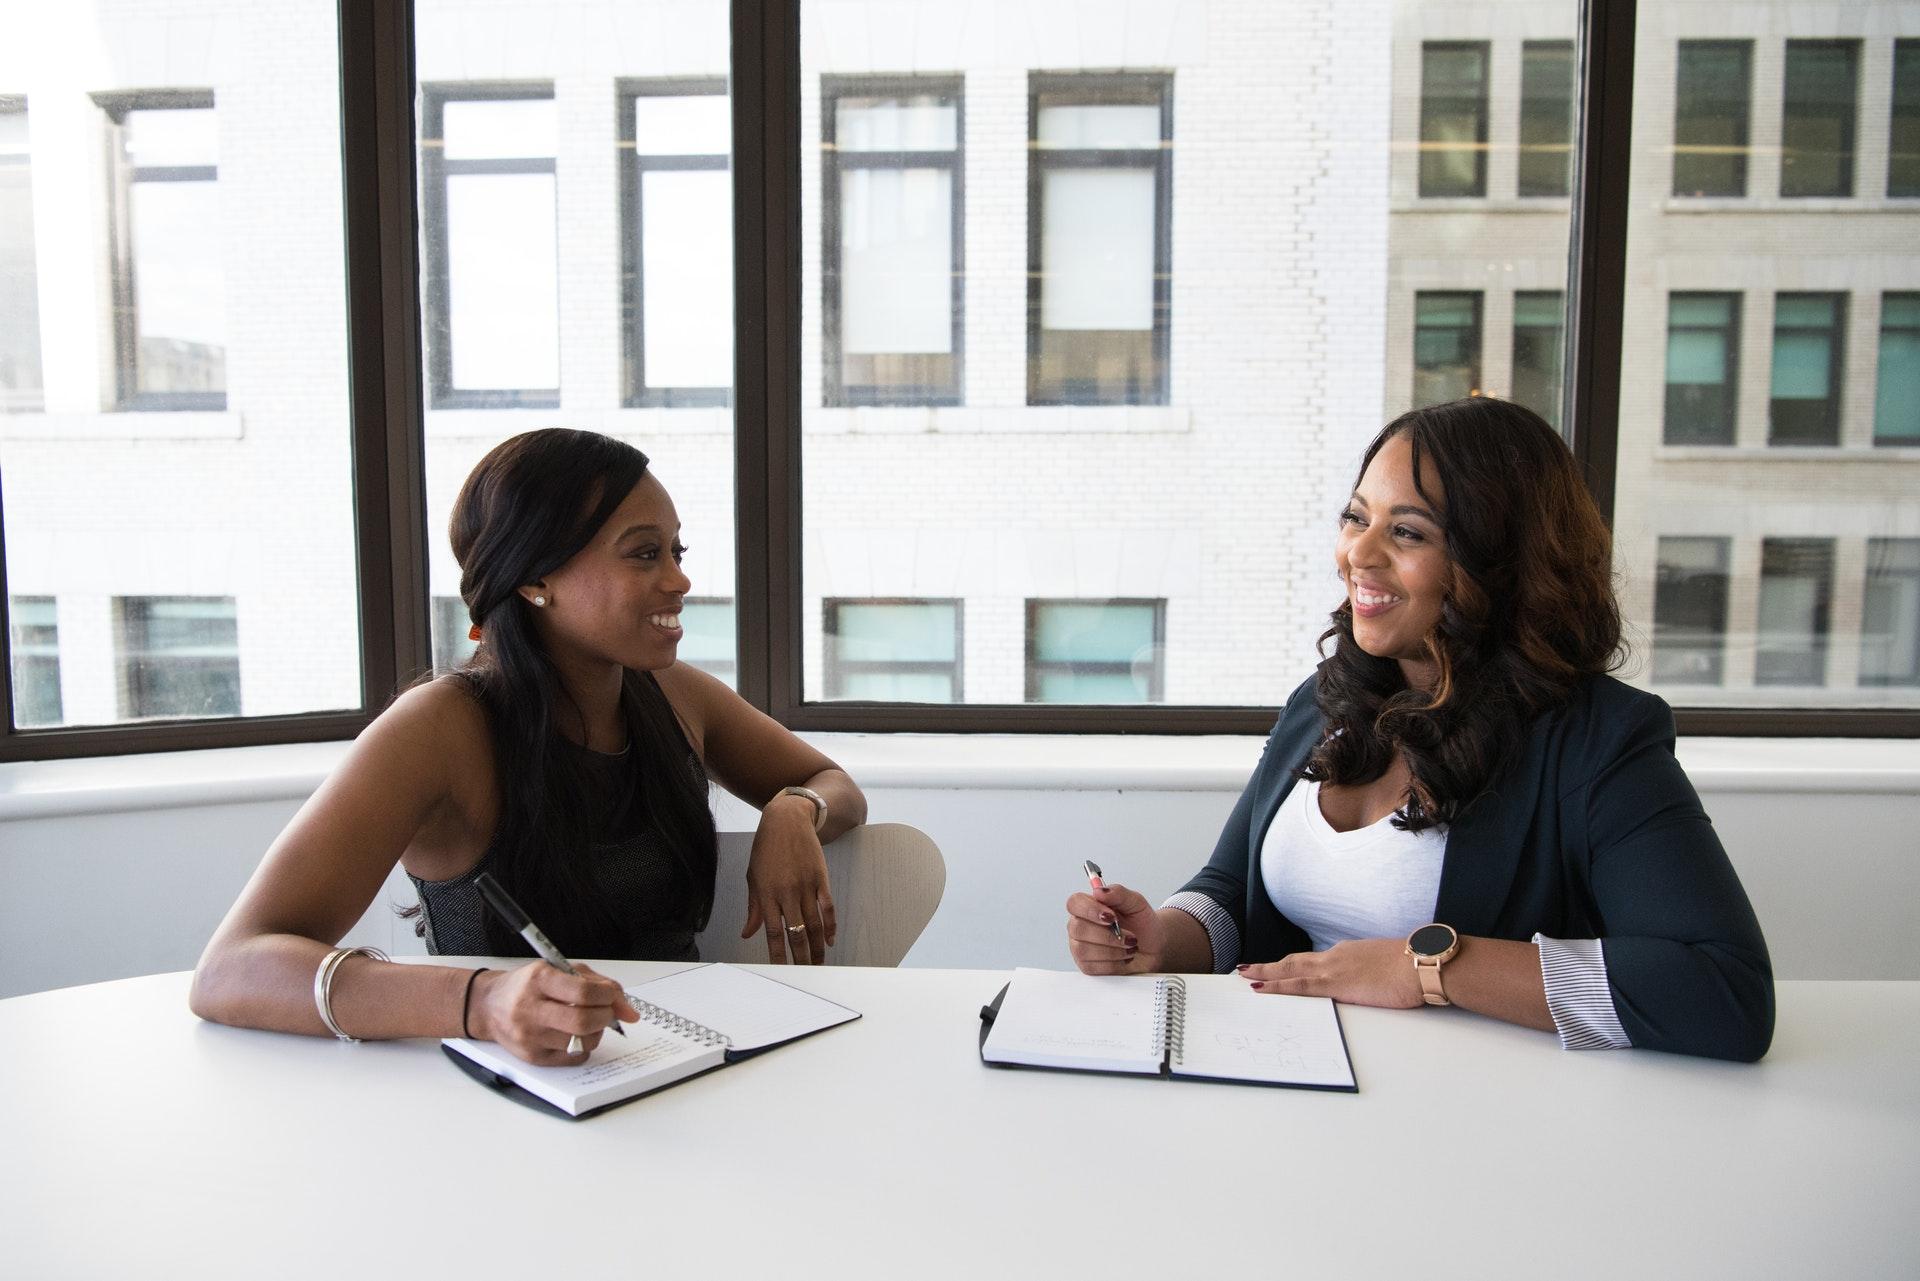 Vemos duas mulheres negras conversando em uma mesa de escritório (imagem ilustrativa).